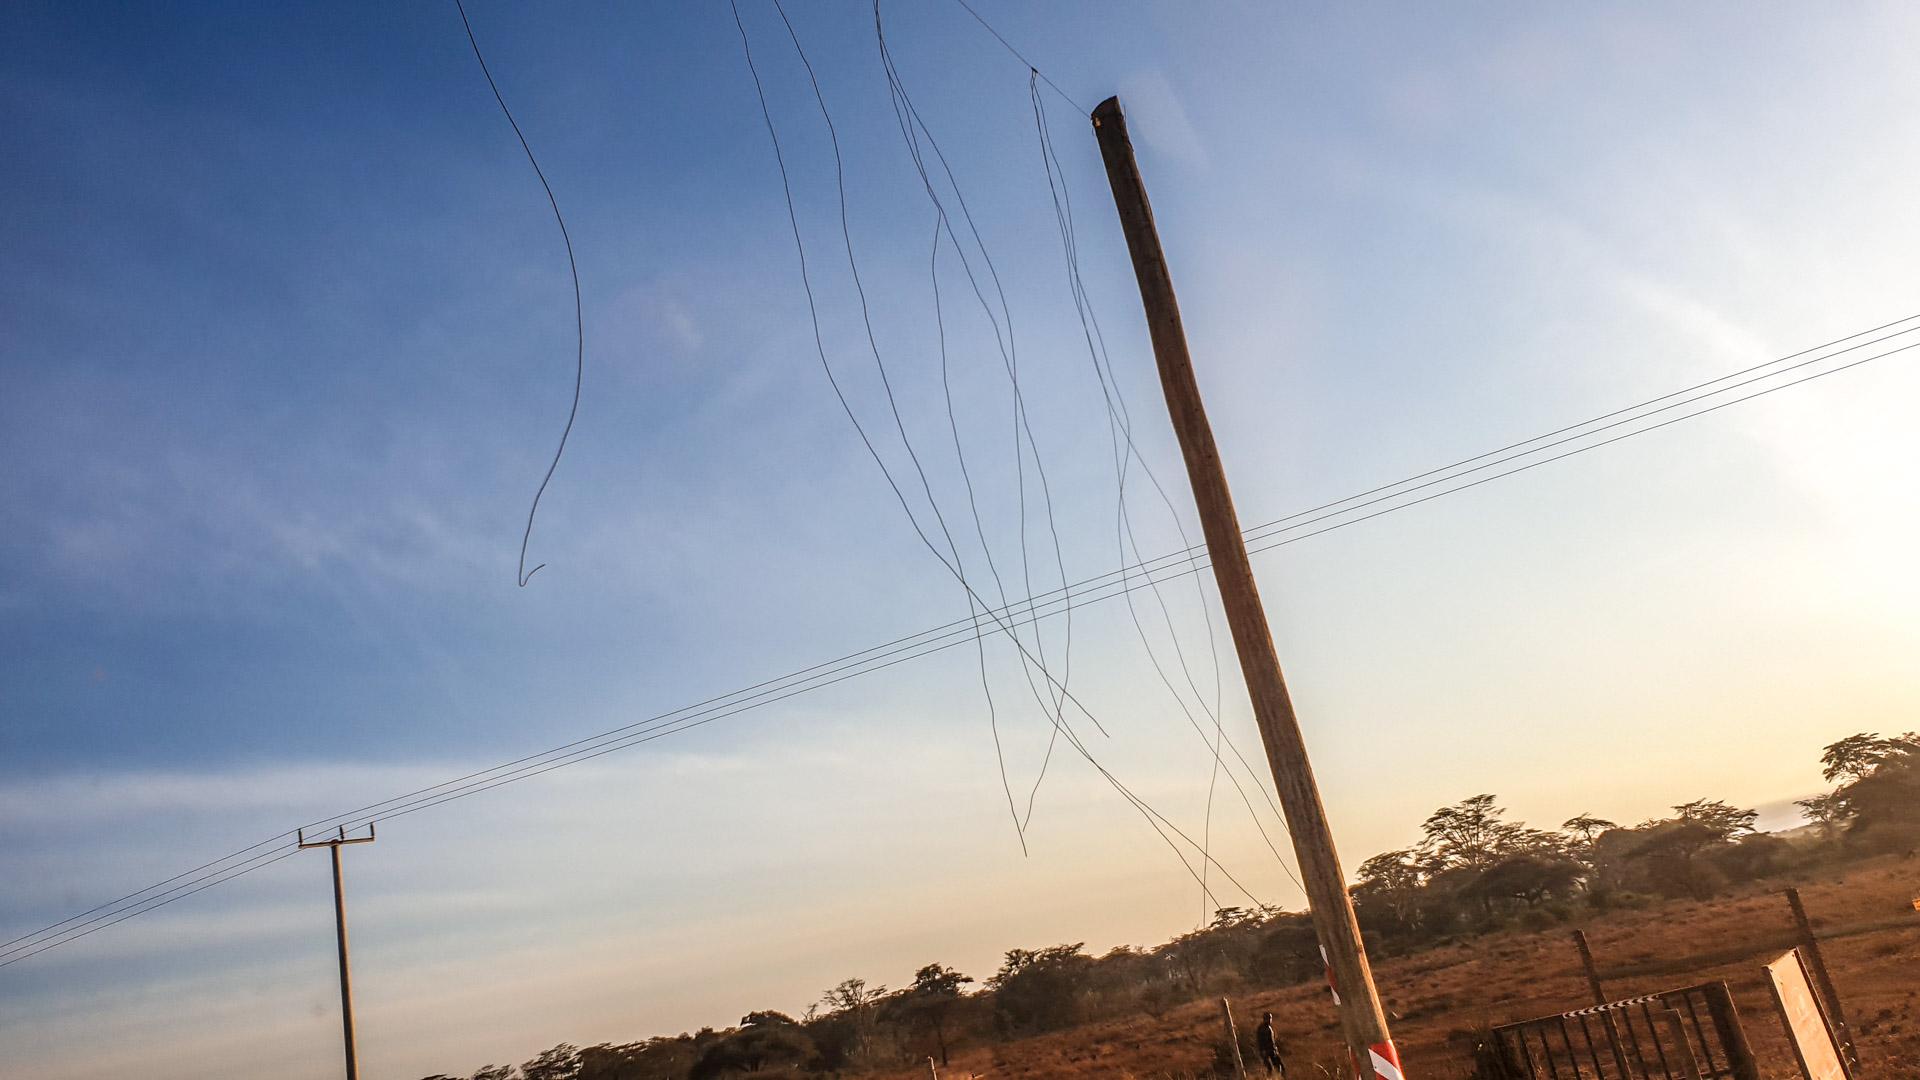 Alambres para evitar que los elefantes caminen por las carreteras, Kenia